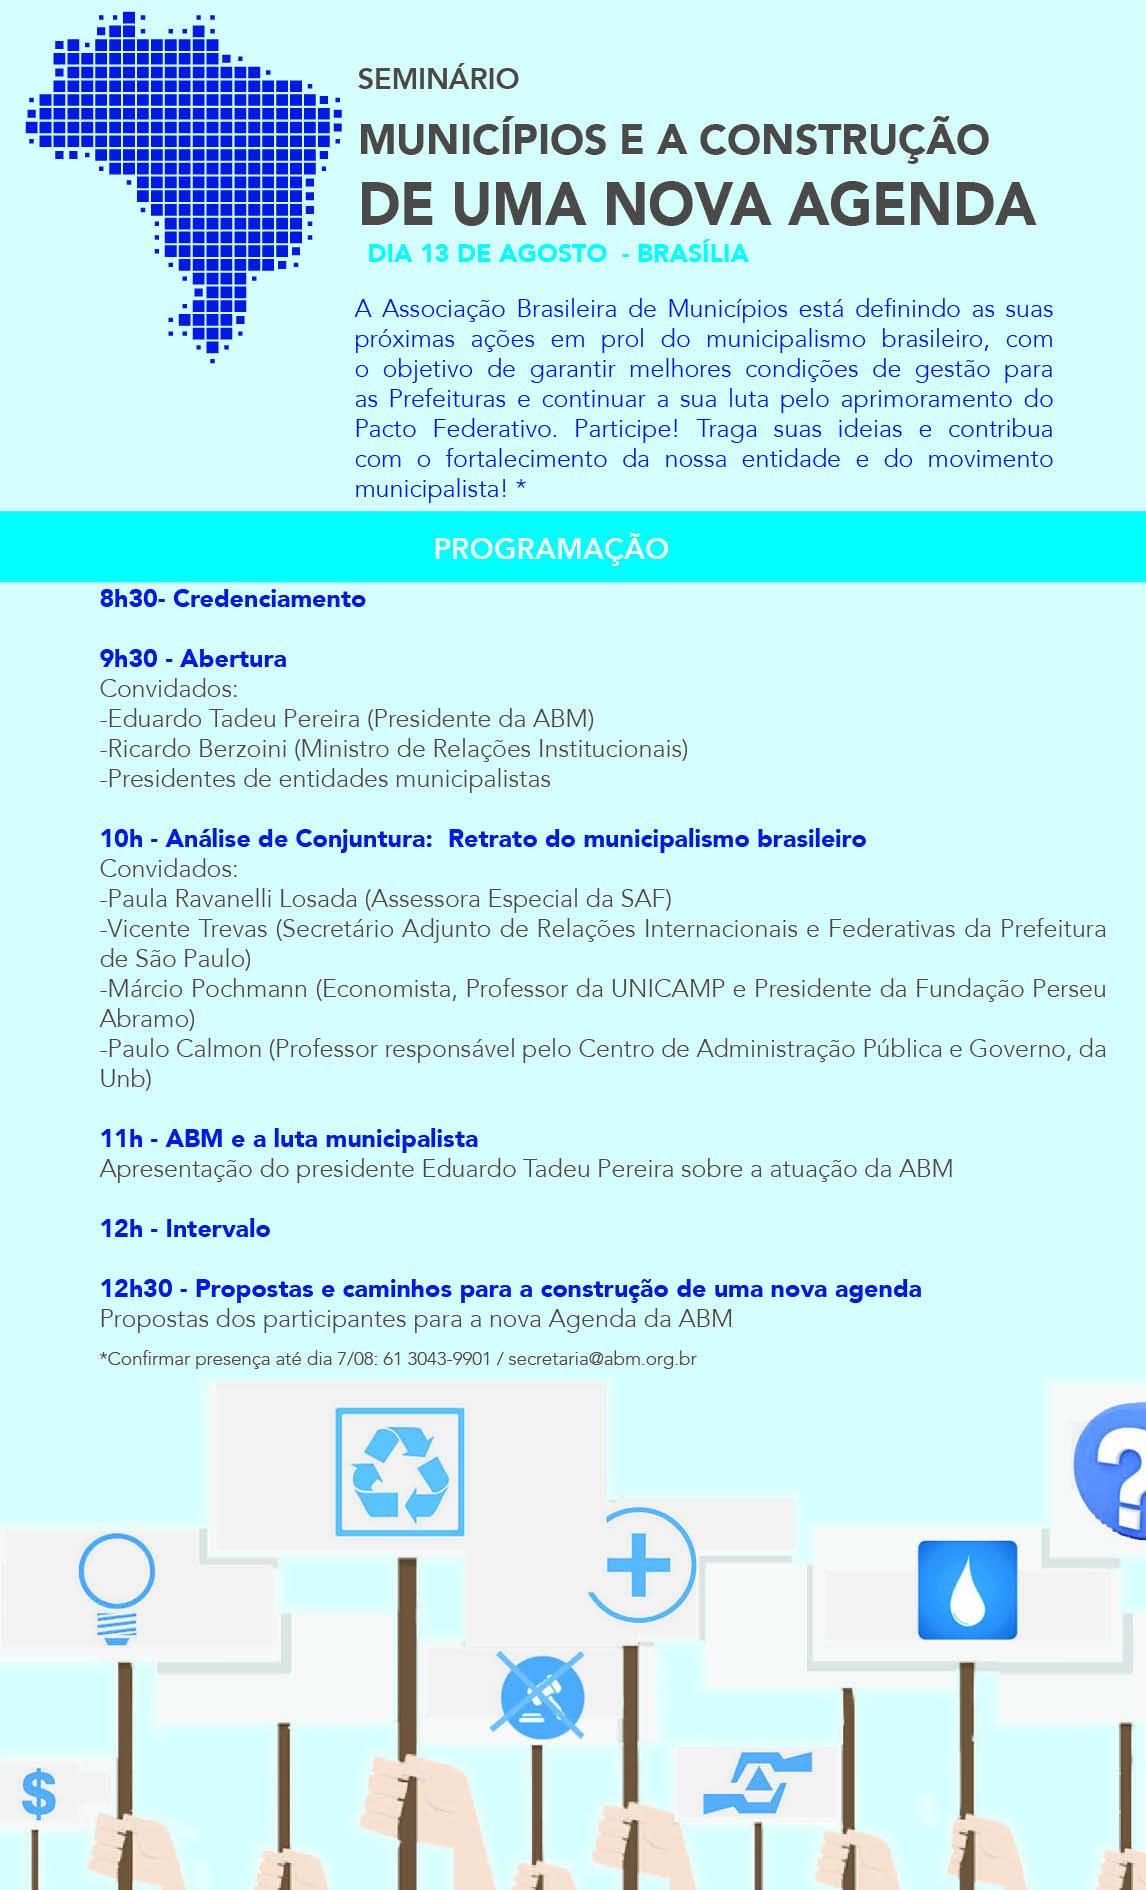 programacao seminario